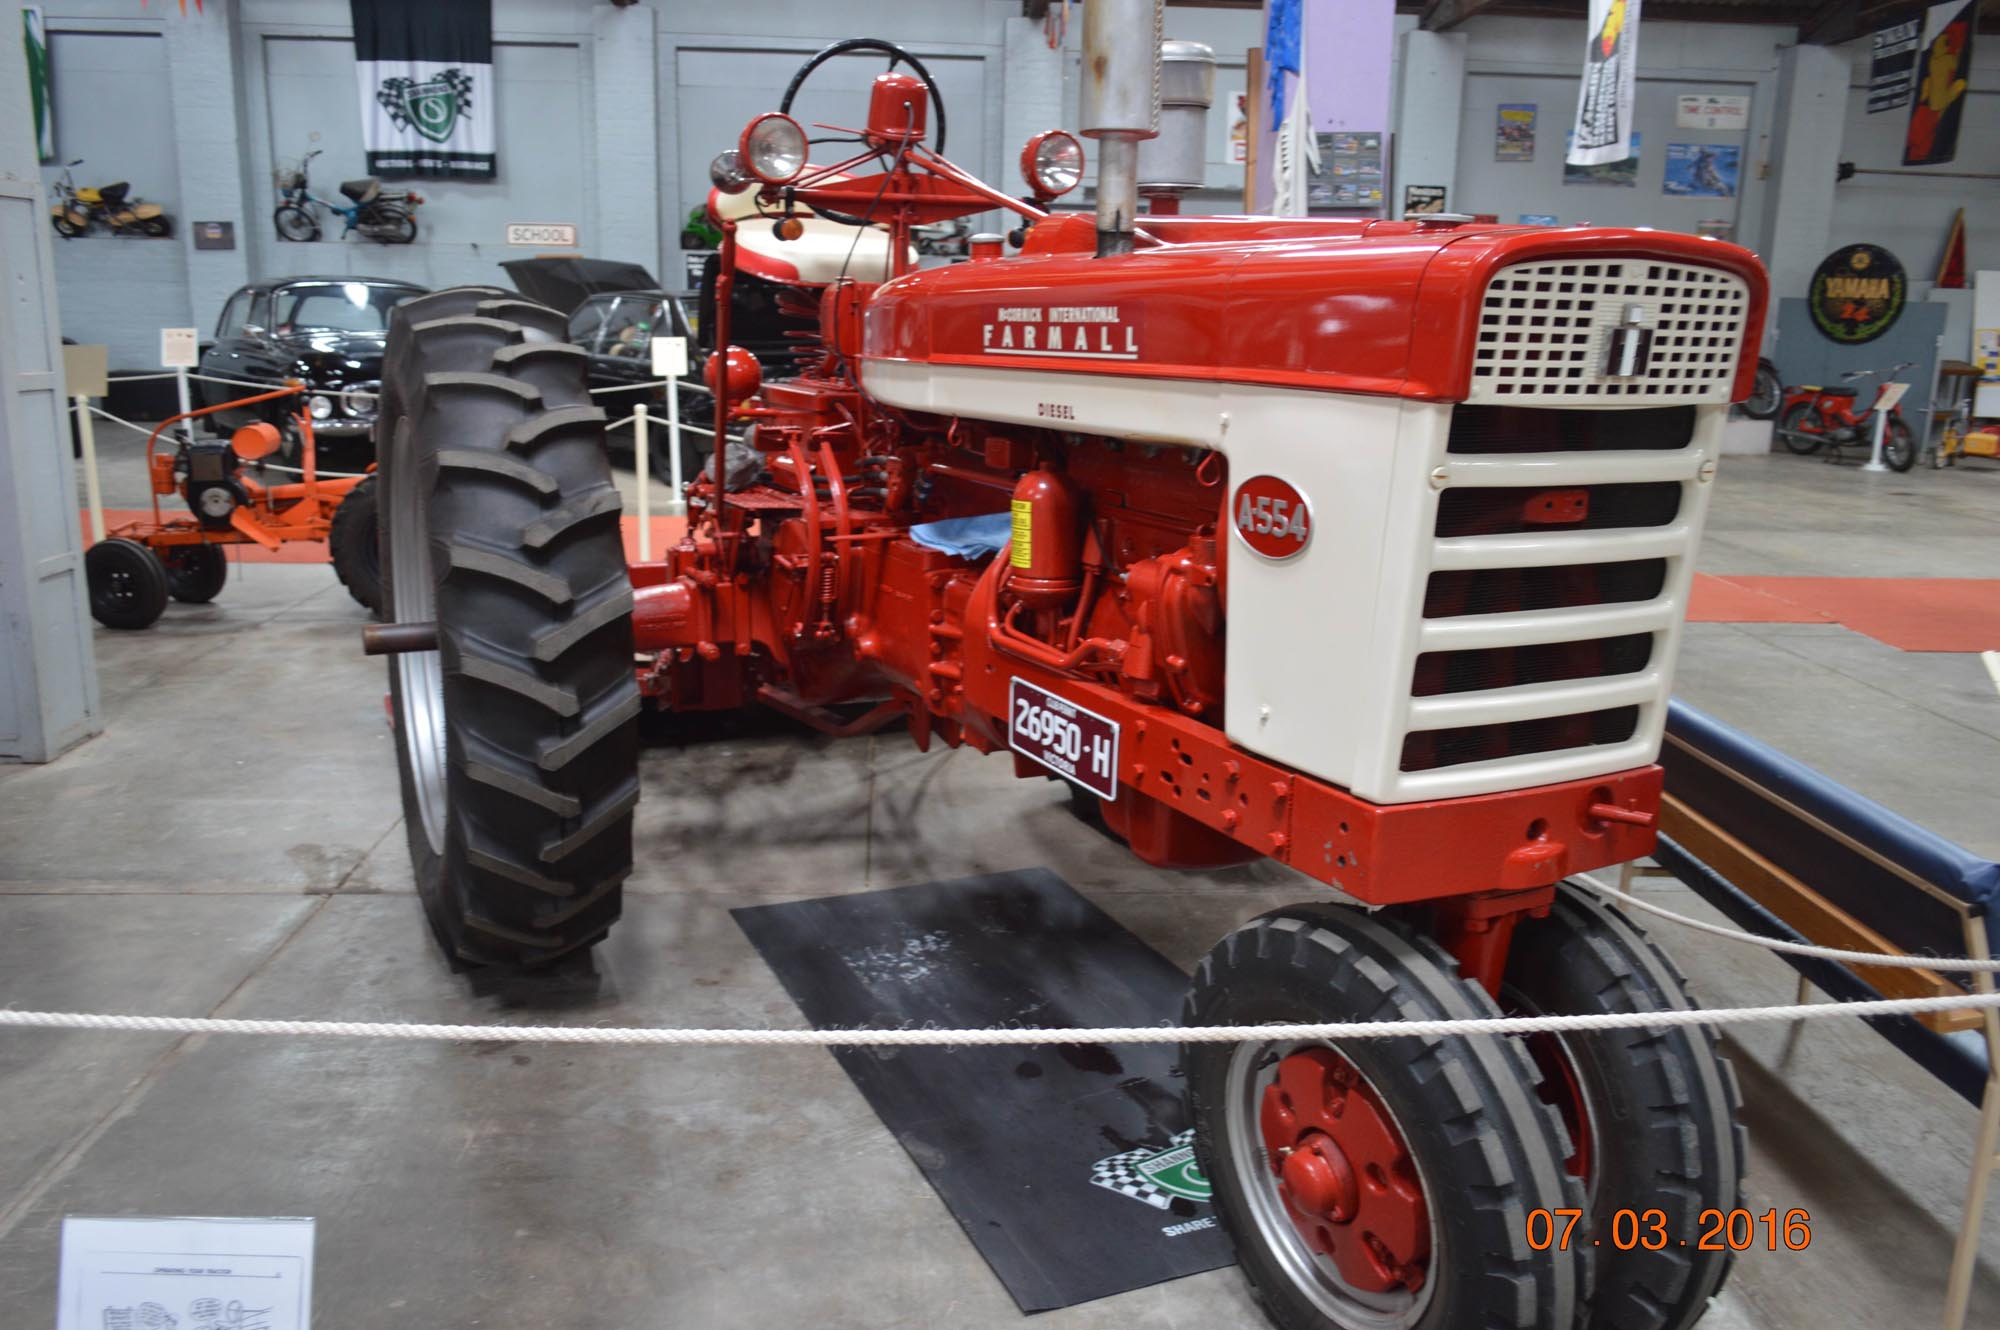 1967 Farmall Tractor